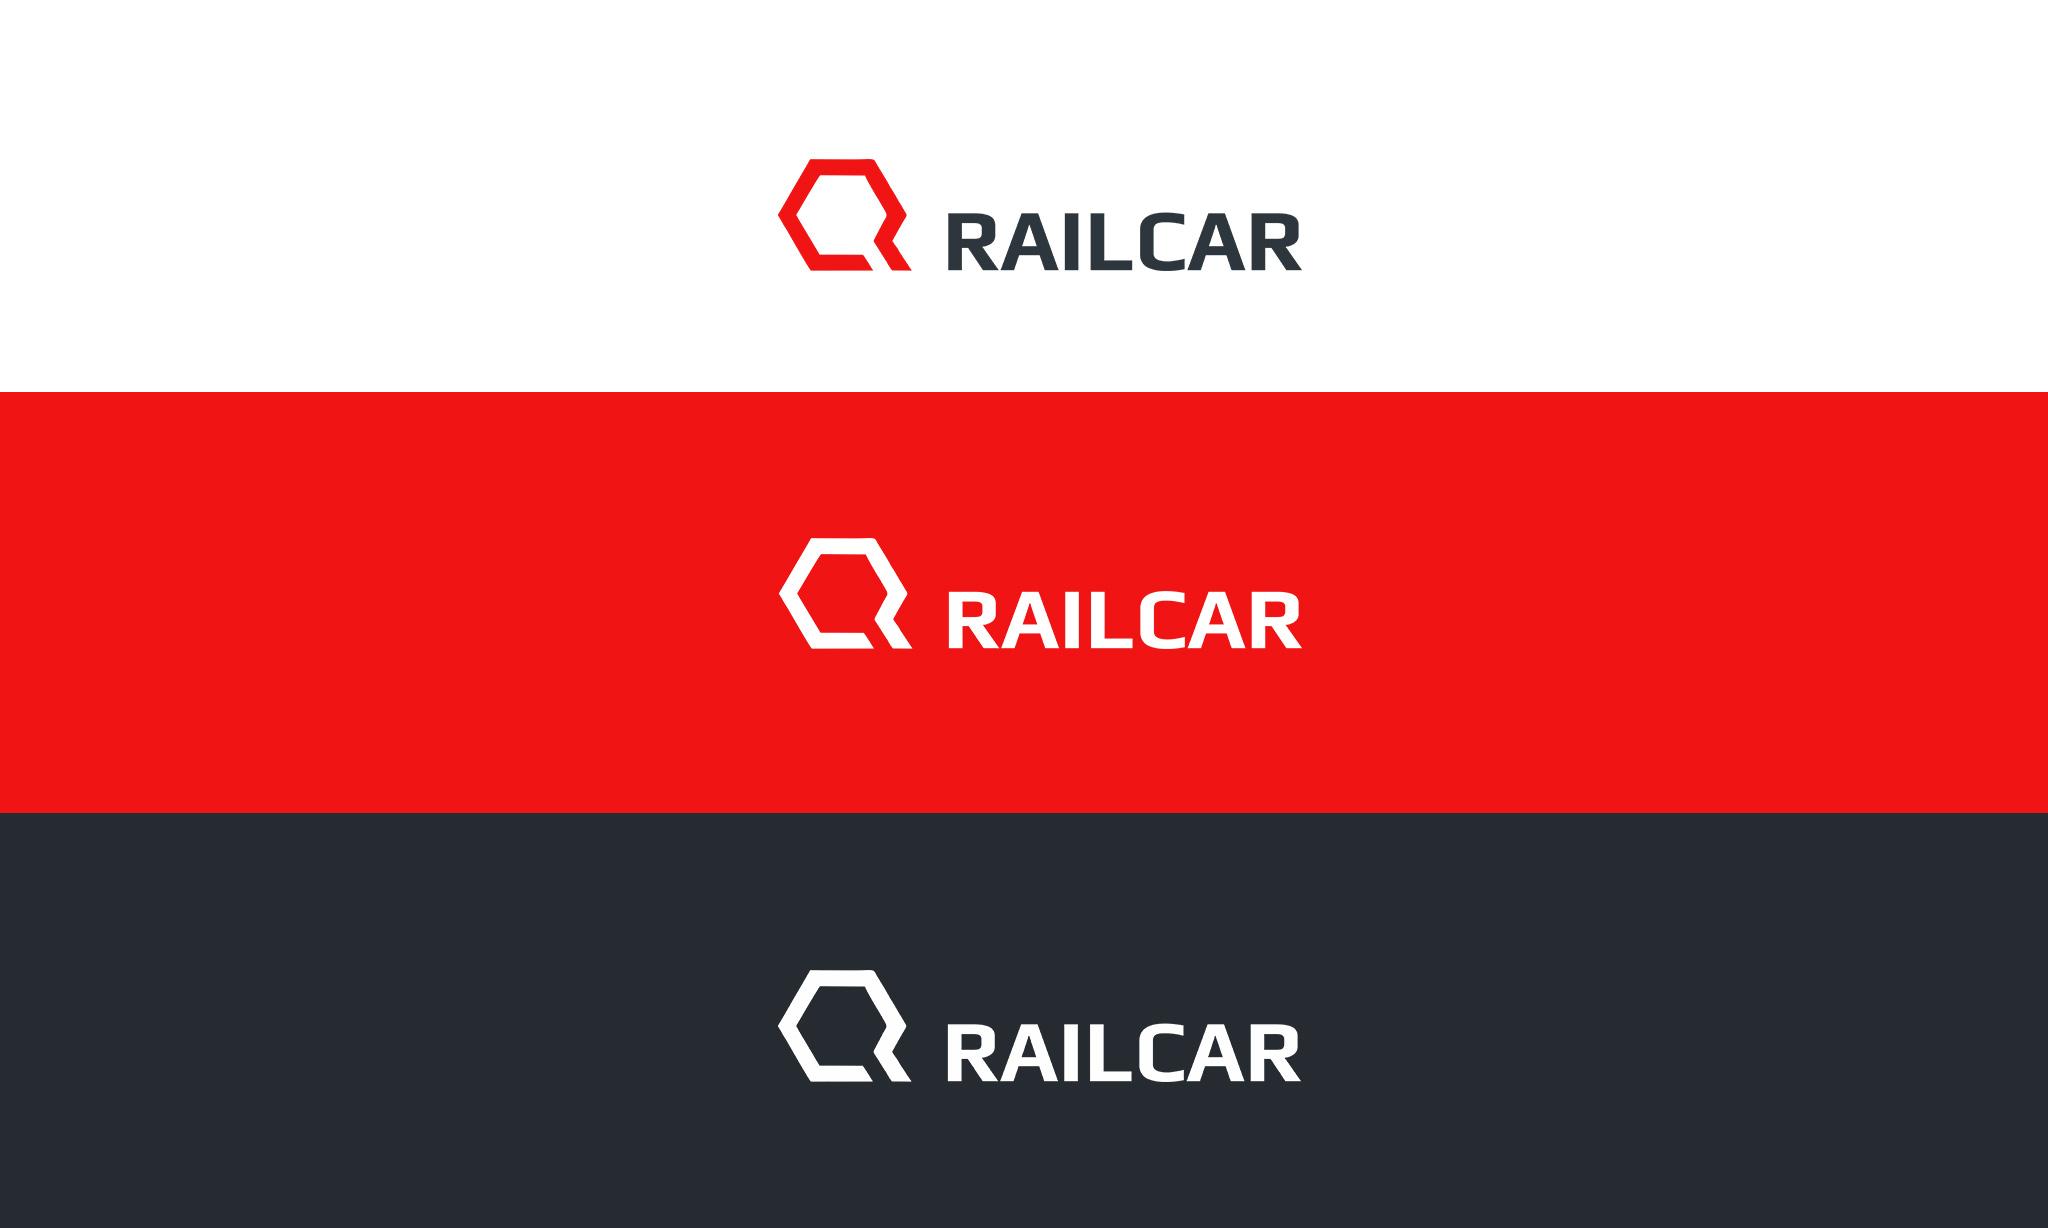 logo-design-versatilitate